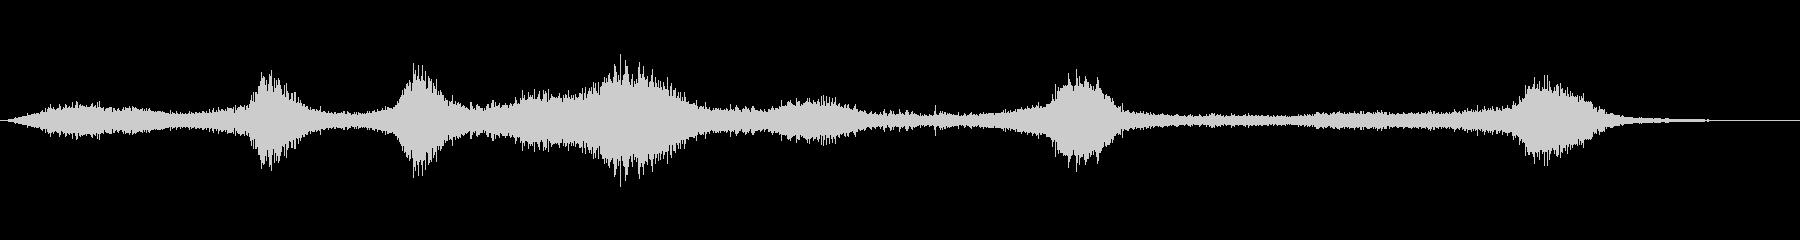 【生録音】 早朝の街 交通 環境音 14の未再生の波形